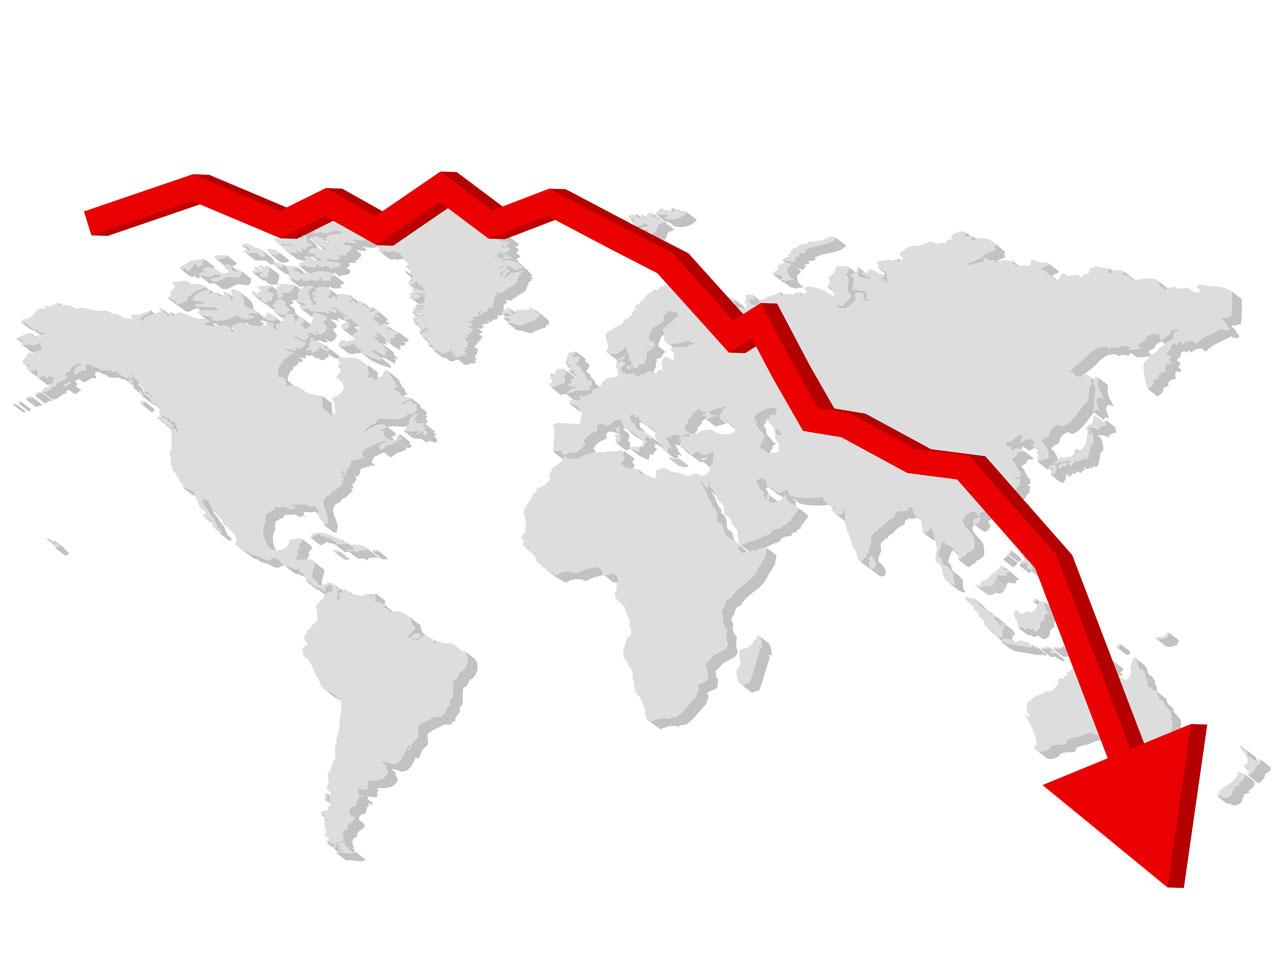 Эксперты понижают прогноз: Россию ждут долгие годы стагнации